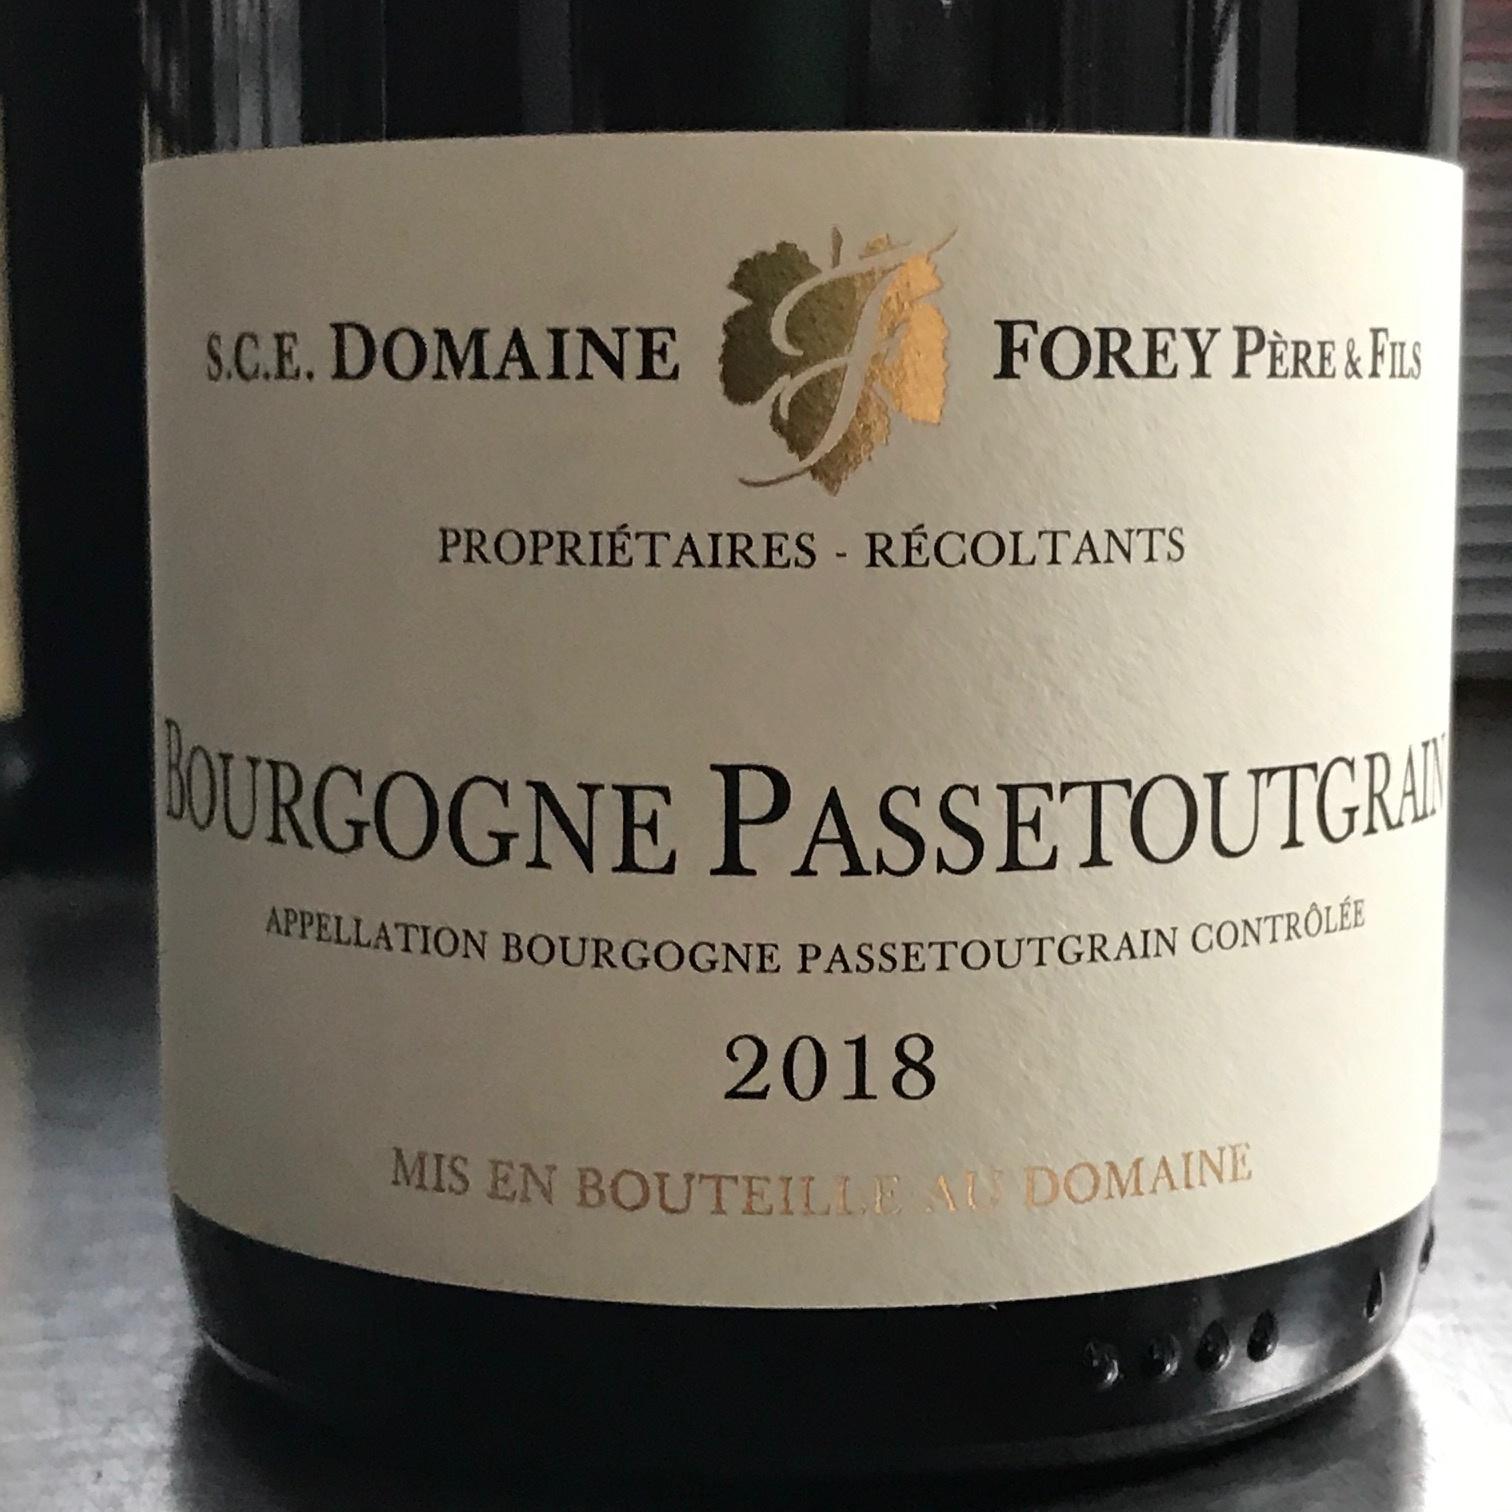 France 2018 Forey Bourgogne Passetoutgrain